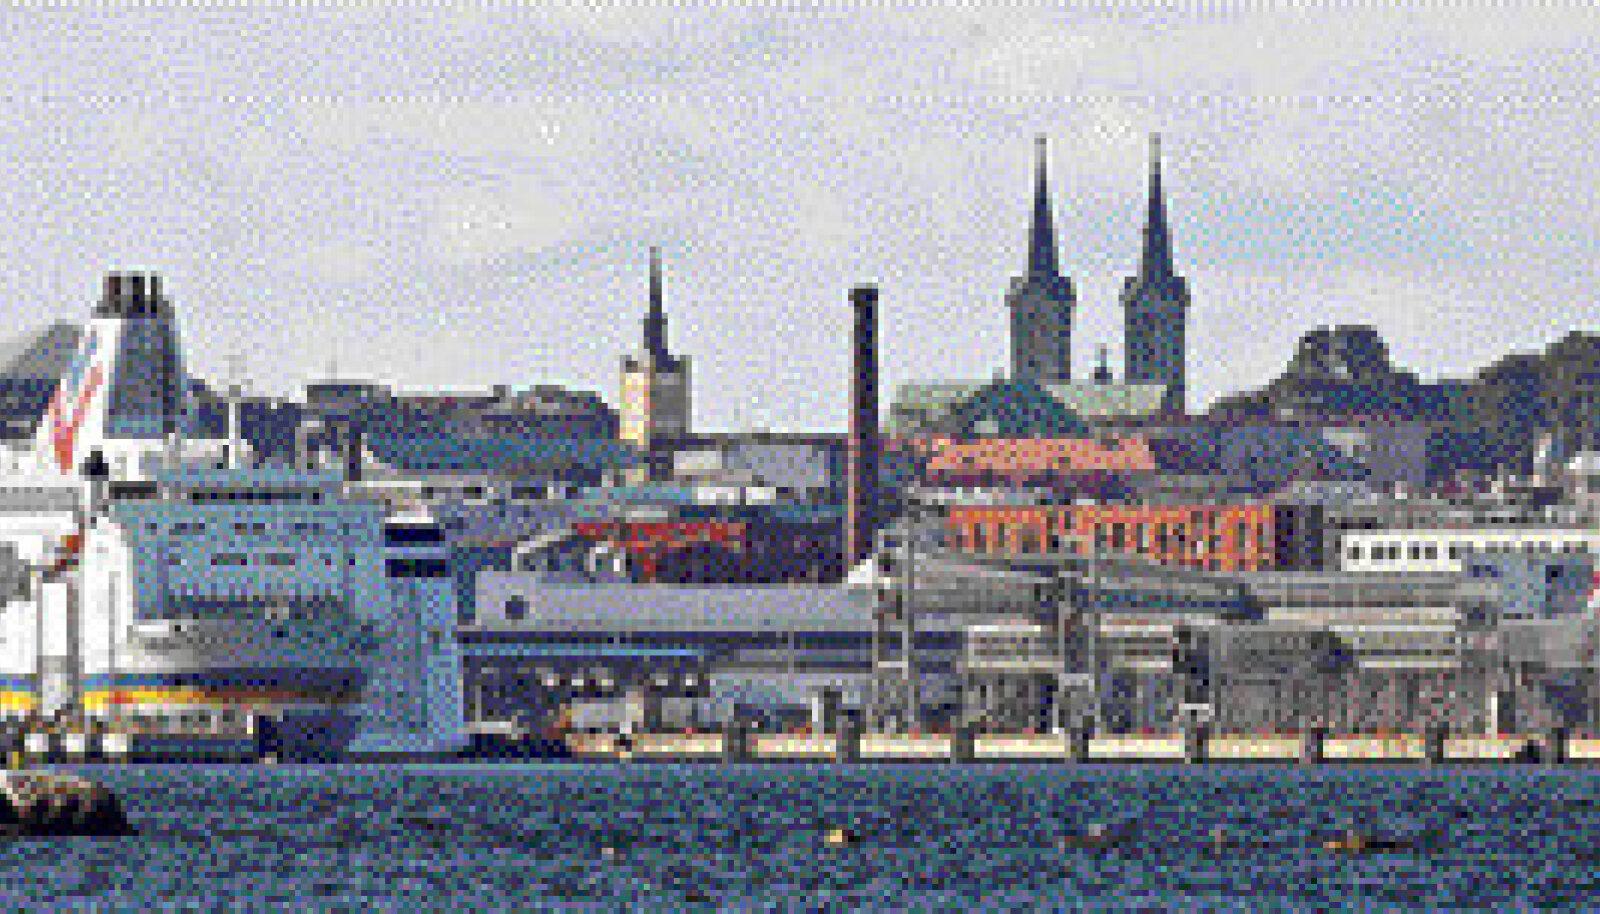 Sadam vajab arenguks ja regiooni teiste sadamatega konkurentsis püsimiseks investeeringuid. Praegu aga läheks kogu teenitu riigieelarve lappimiseks, mis võib väga kurjalt kätte maksta.